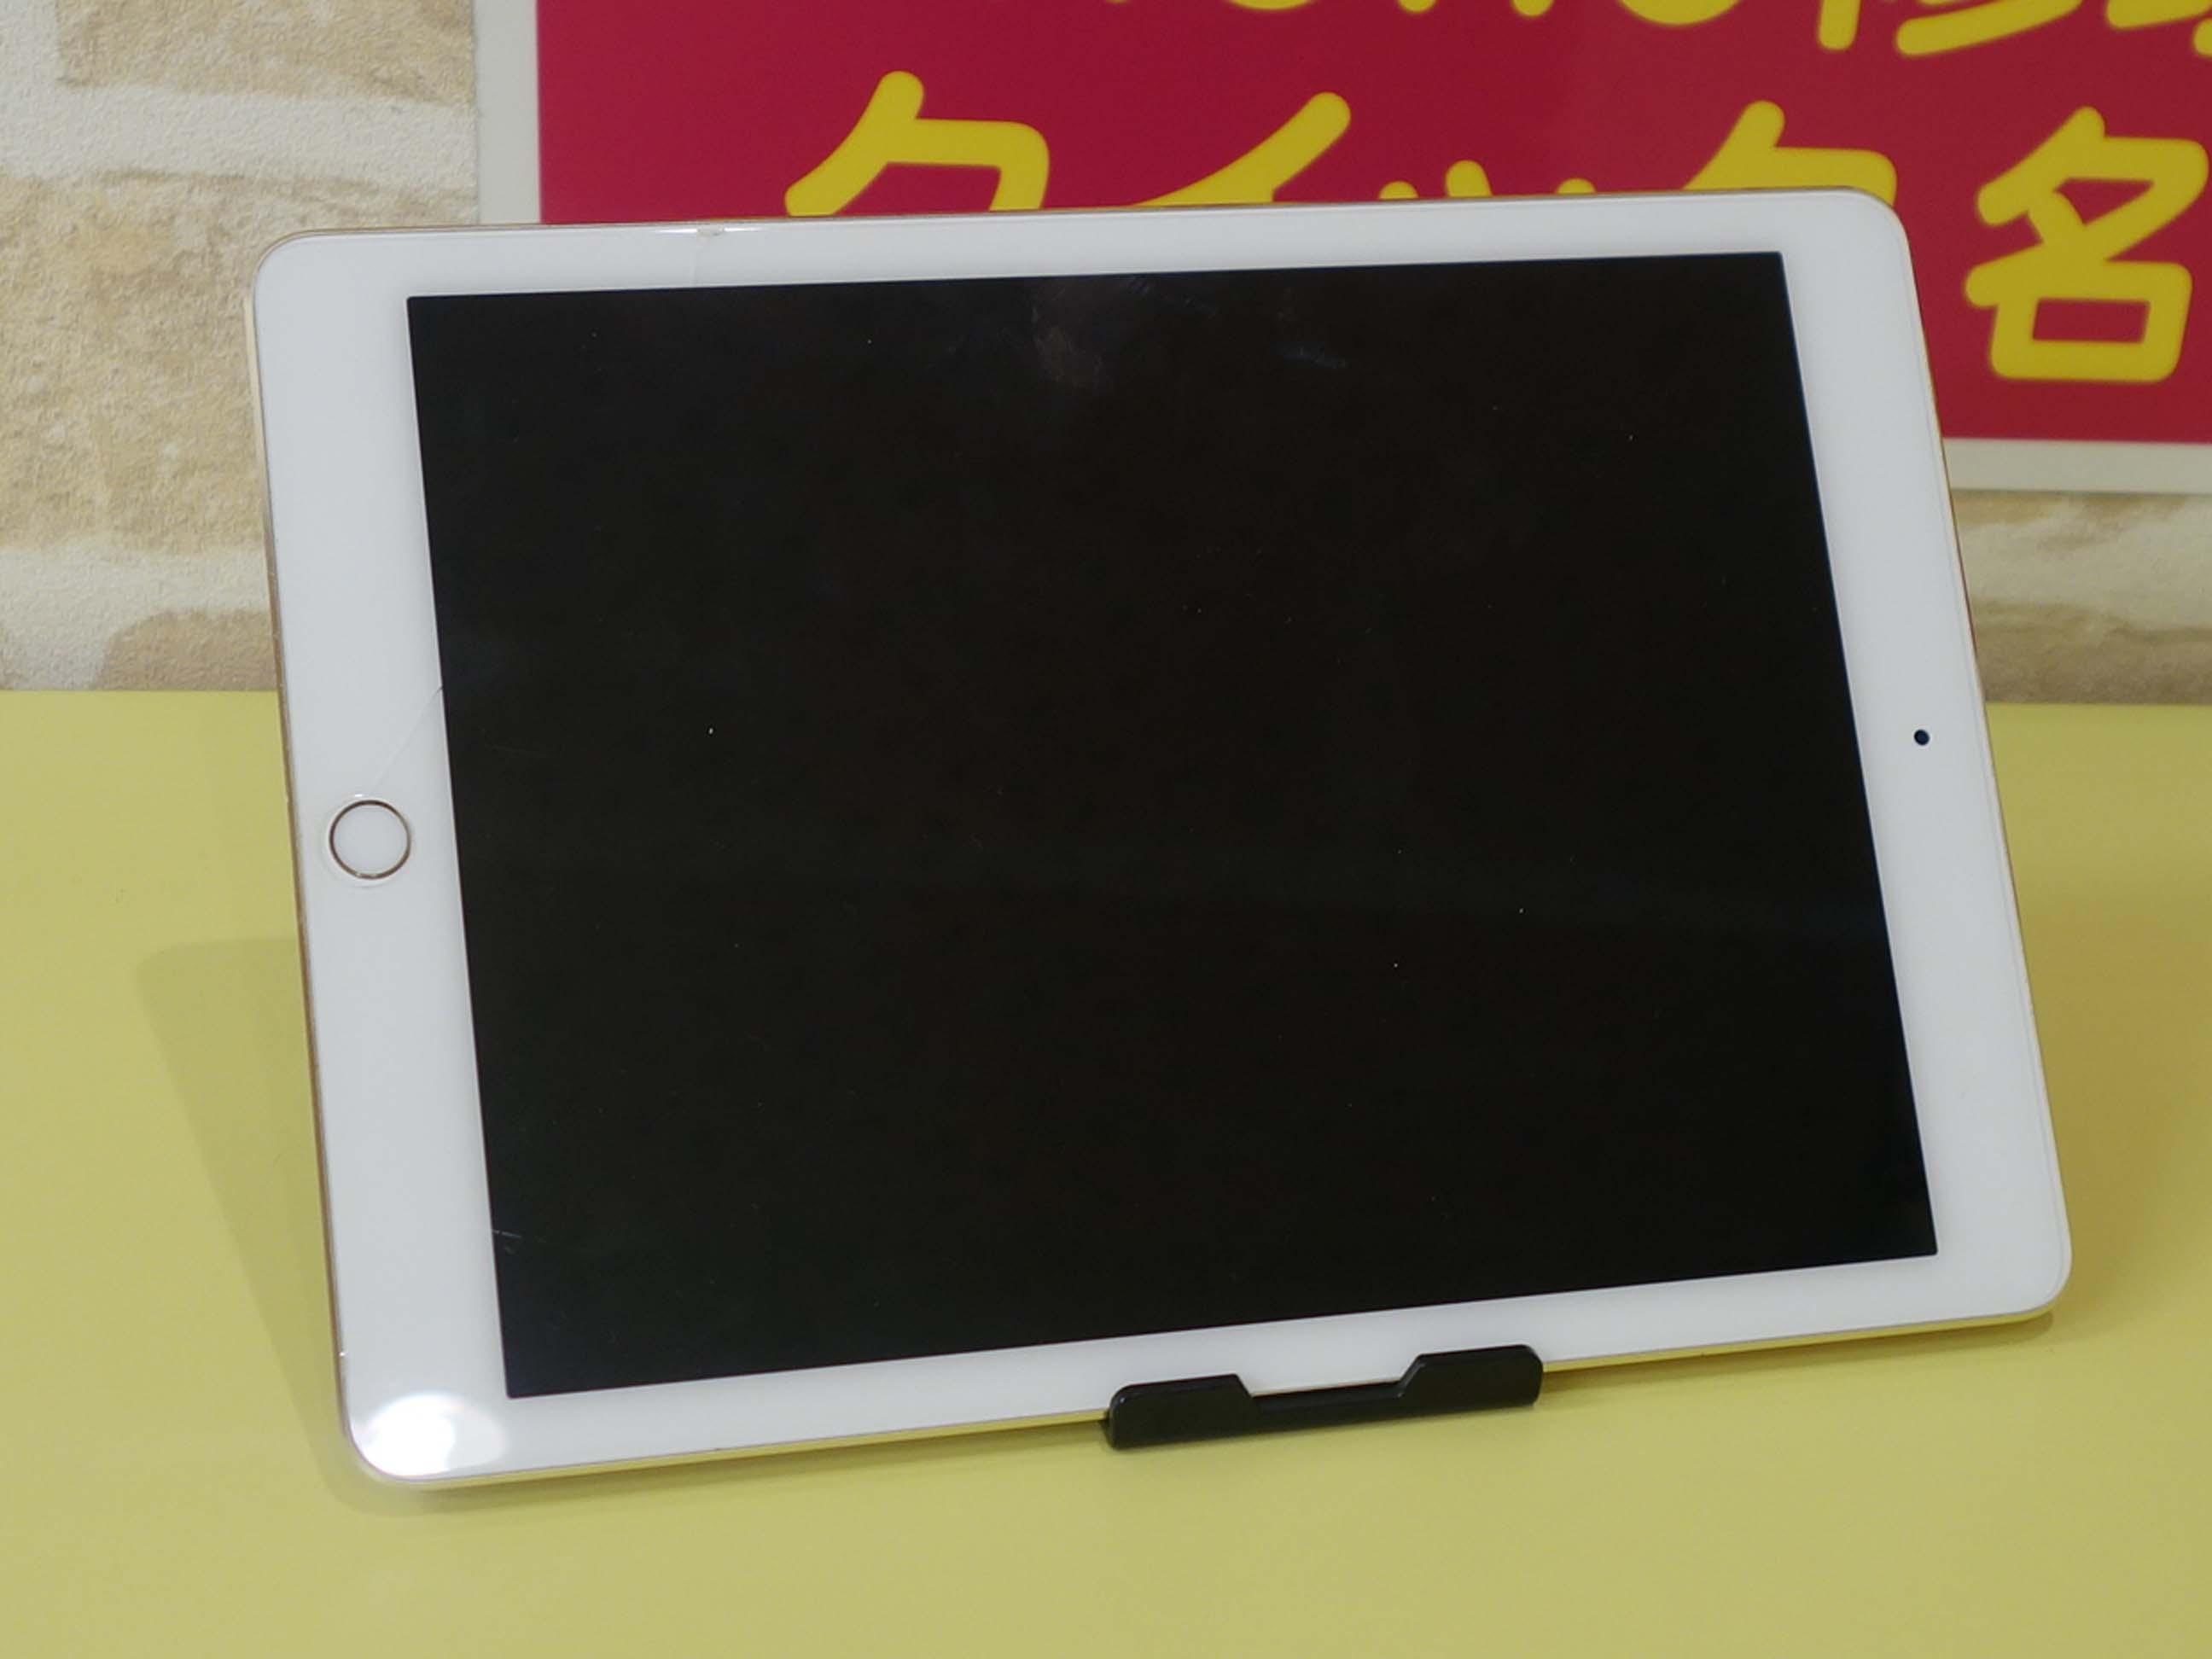 ケーブルが詰まって充電できない iPad Pro9.7のドックコネクター修理 アイパッド修理のクイック名古屋